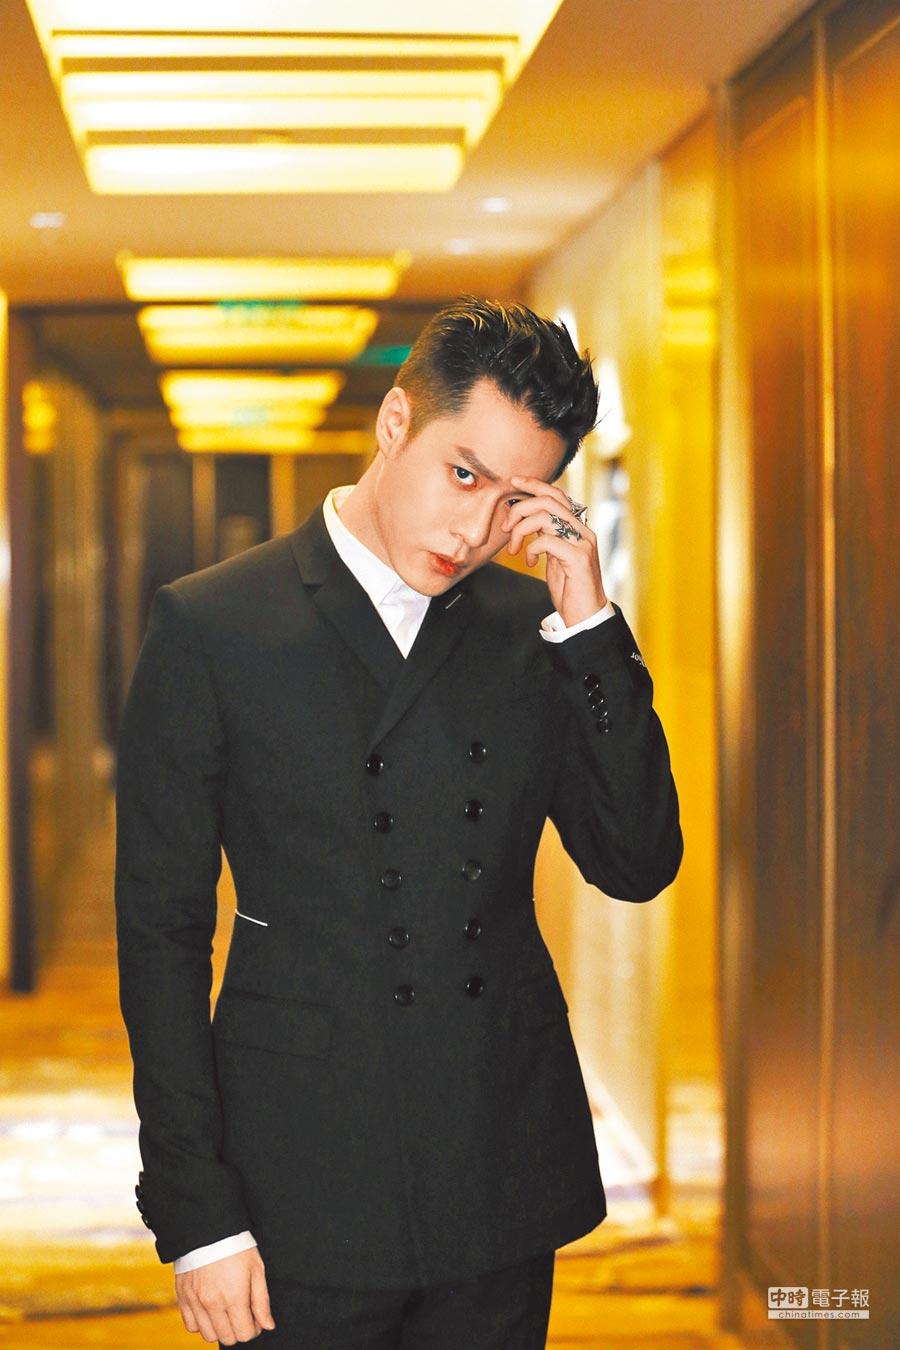 周湯豪穿上要價20萬元的西裝,帥氣出席時尚活動。